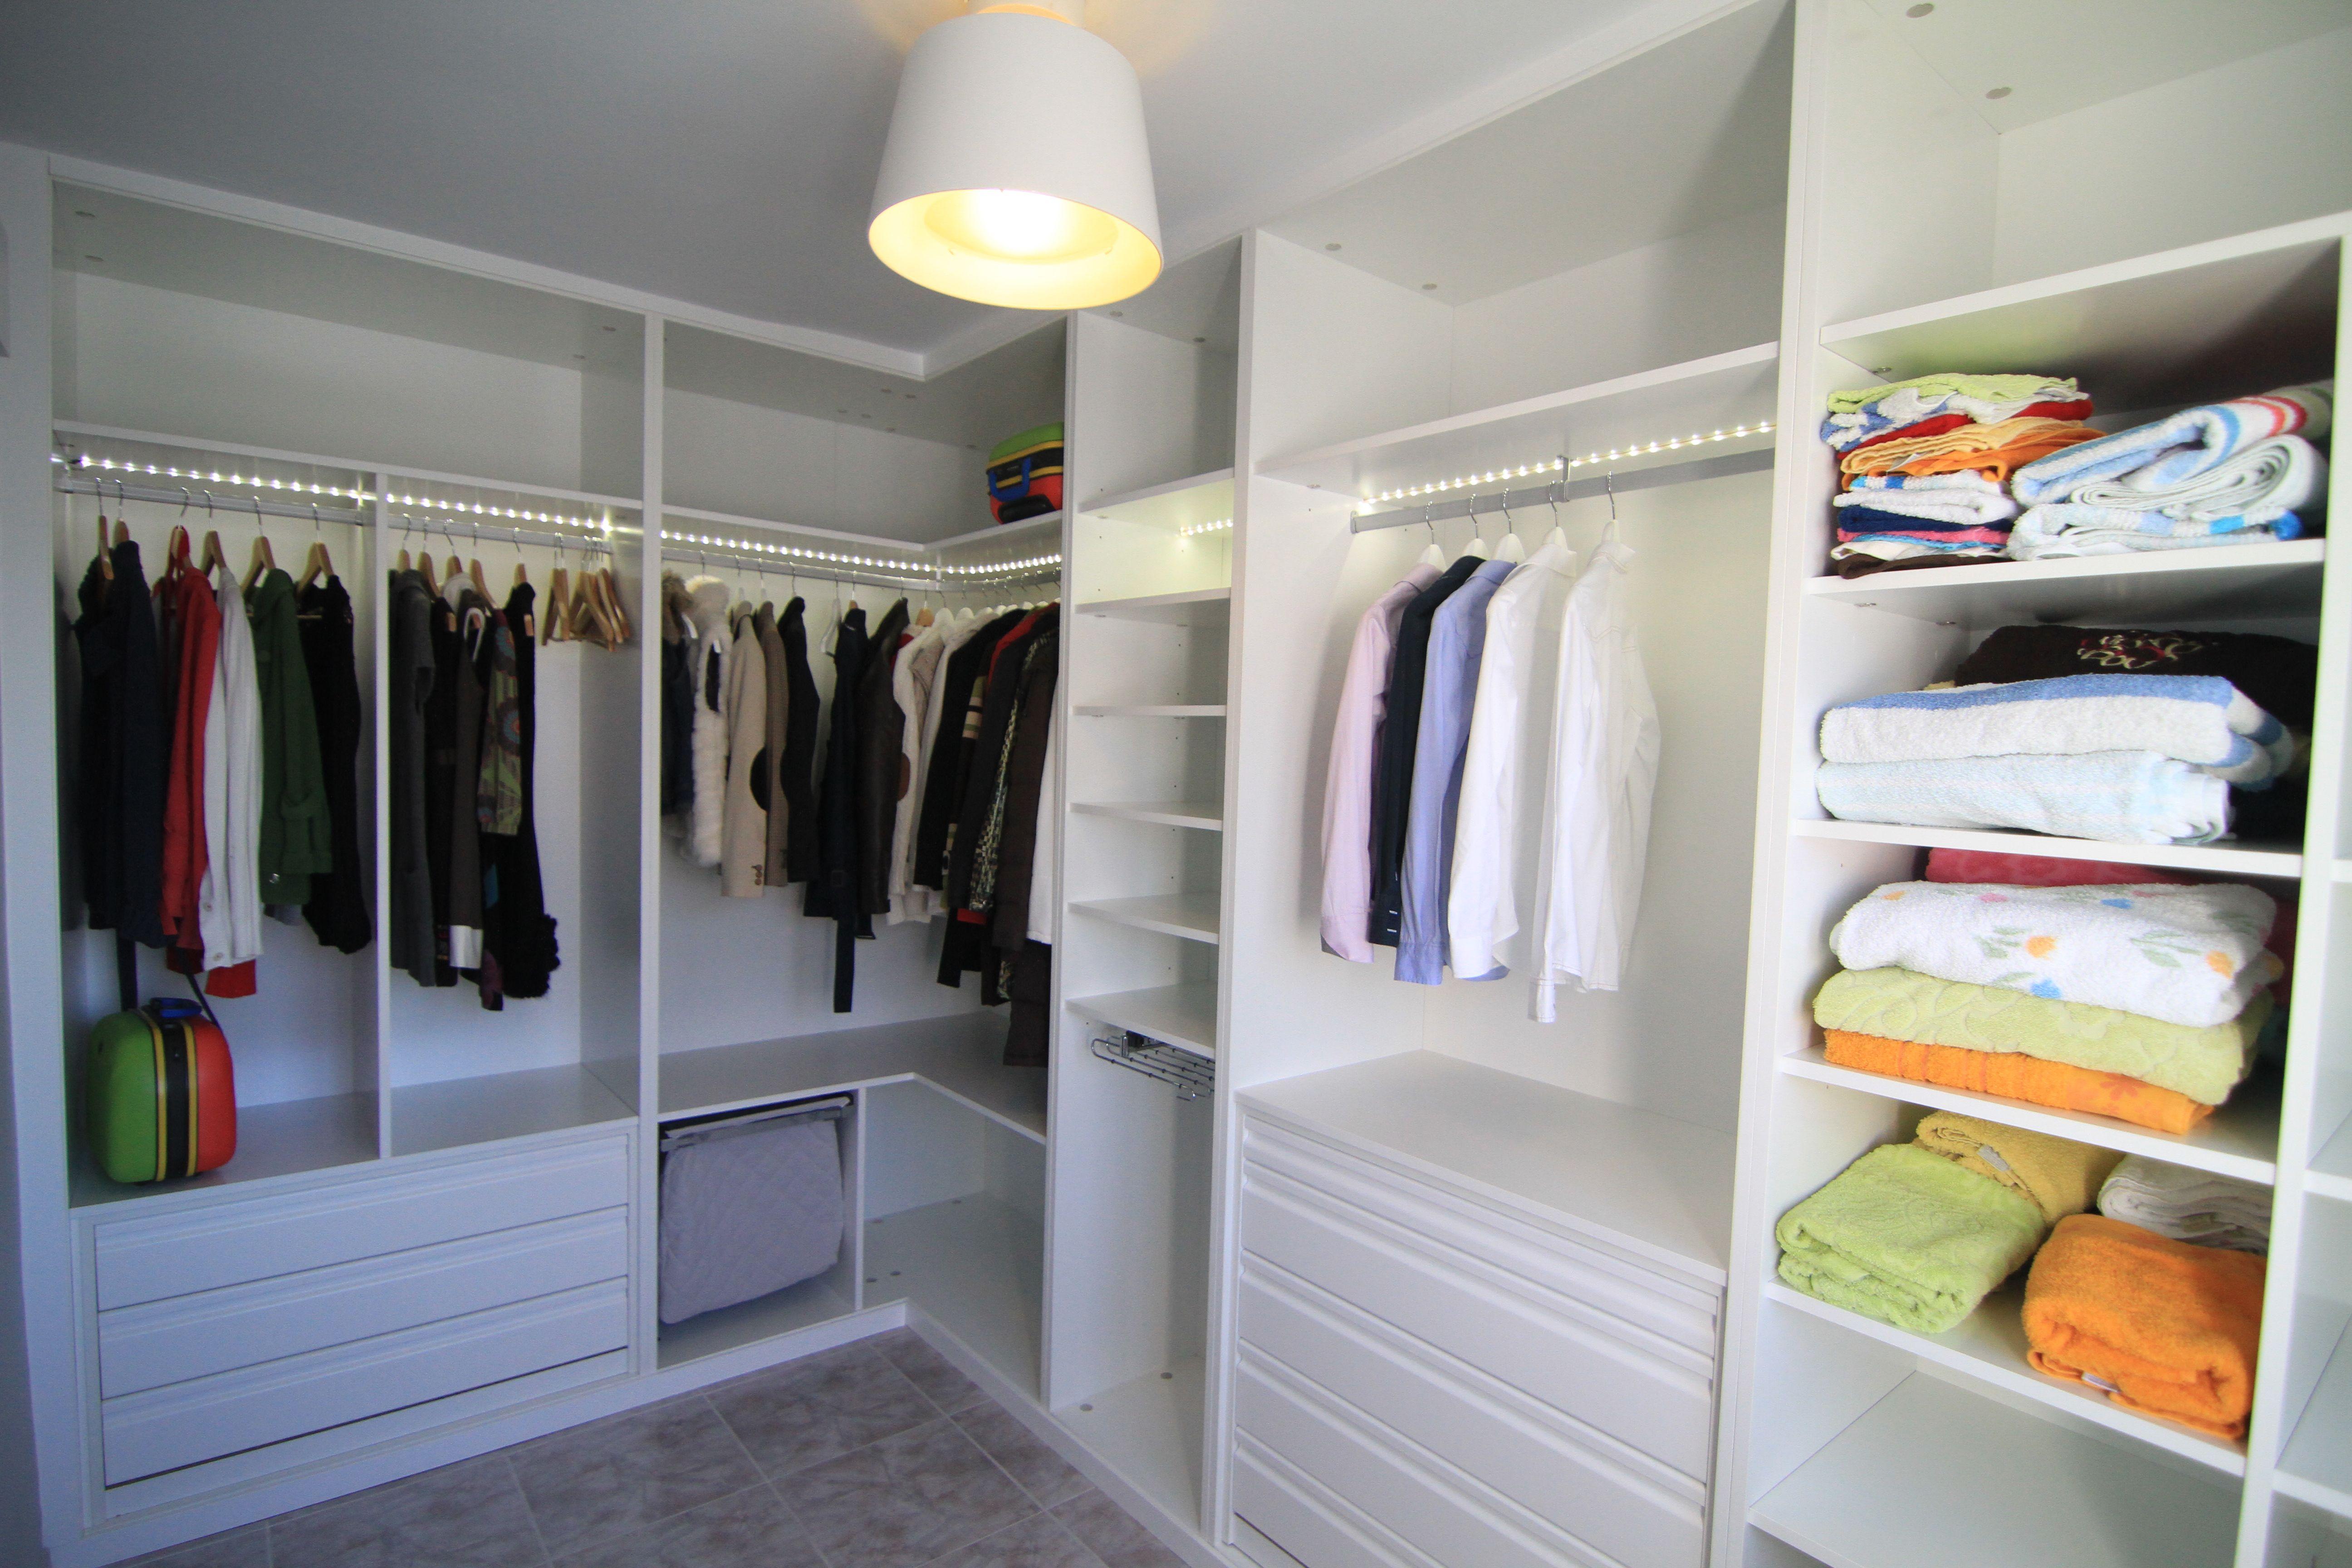 Vestidor blanco en l con cajones de extracci n total tolva para ropa sucia barras e - Armario en l ...